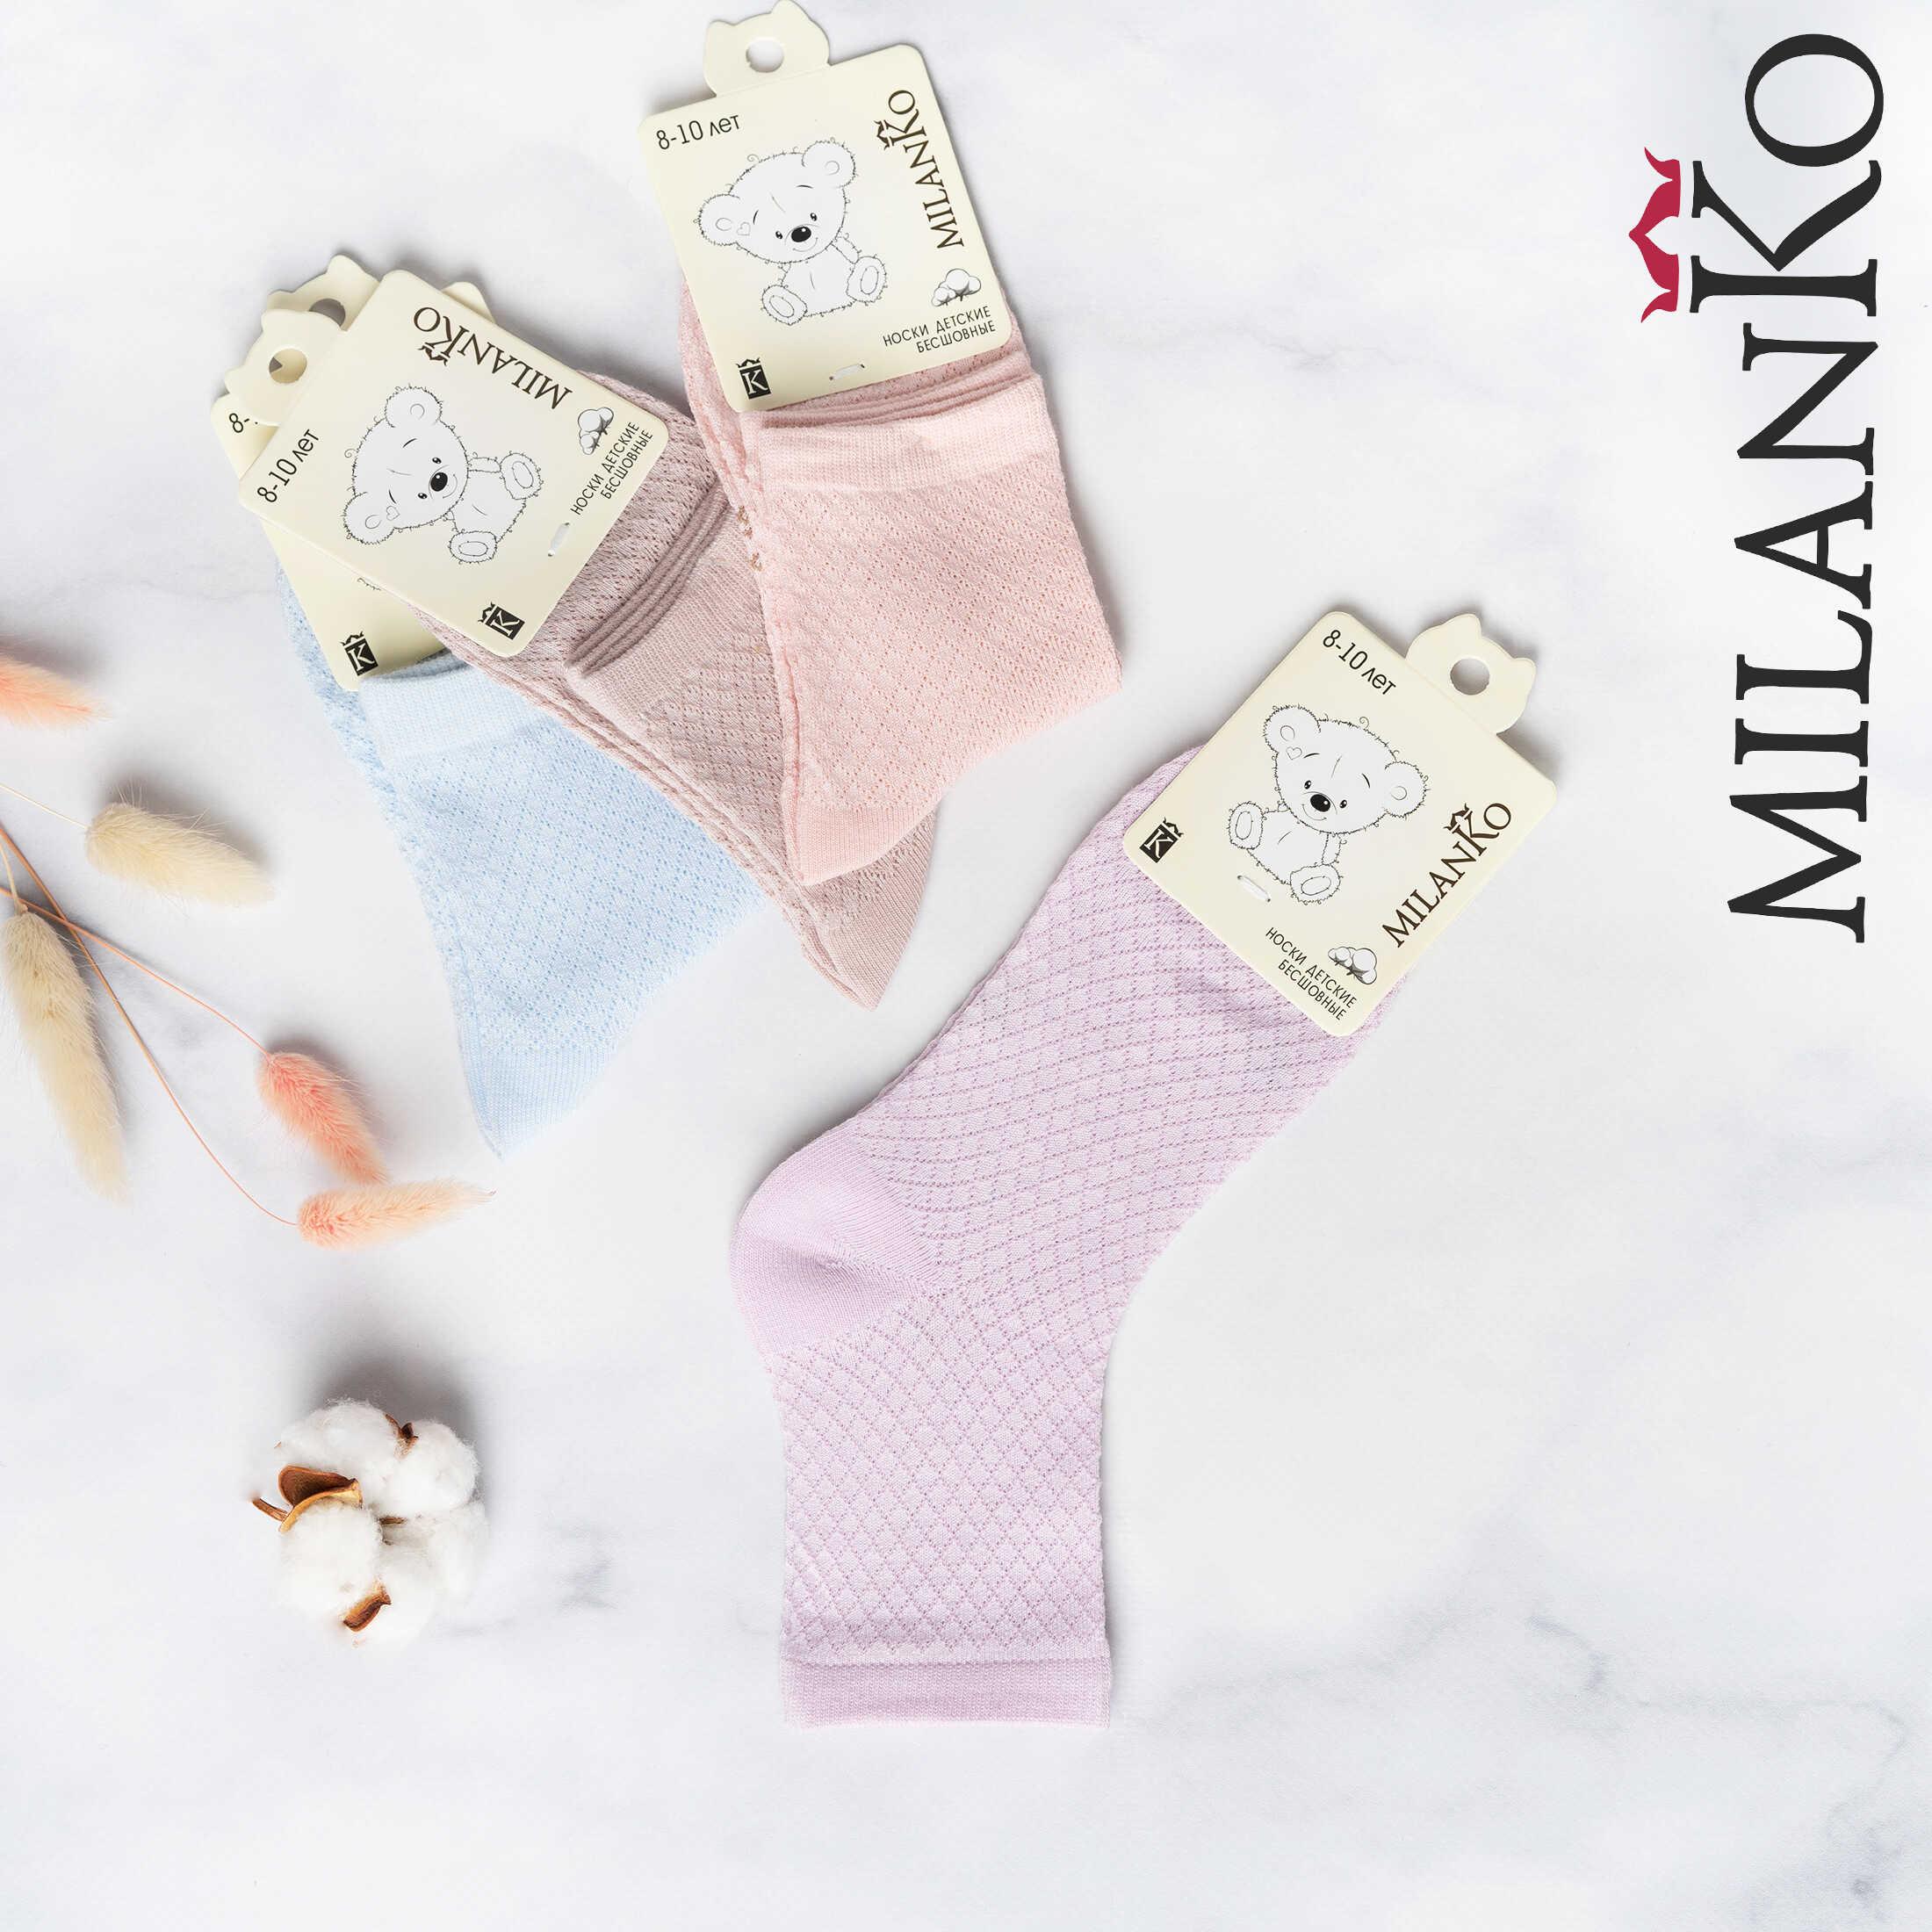 MILANKO     Детские носки бесшовные для девочек MilanKo IN-166